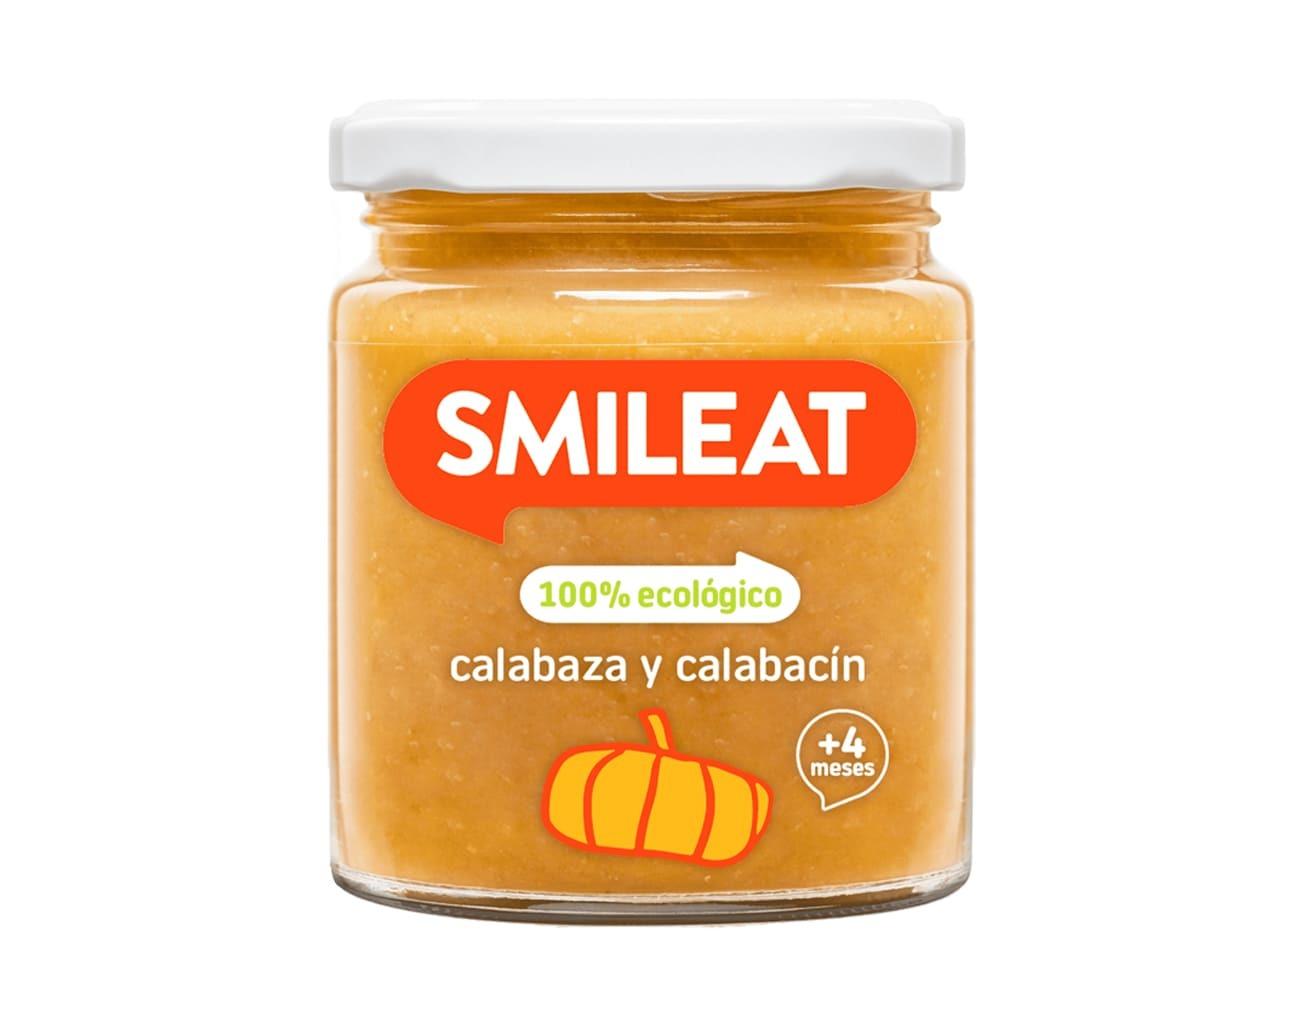 POTITO BIO CALABAZA CALABACIN 230GR ( y 4MESES) SMILEAT en Biovegalia